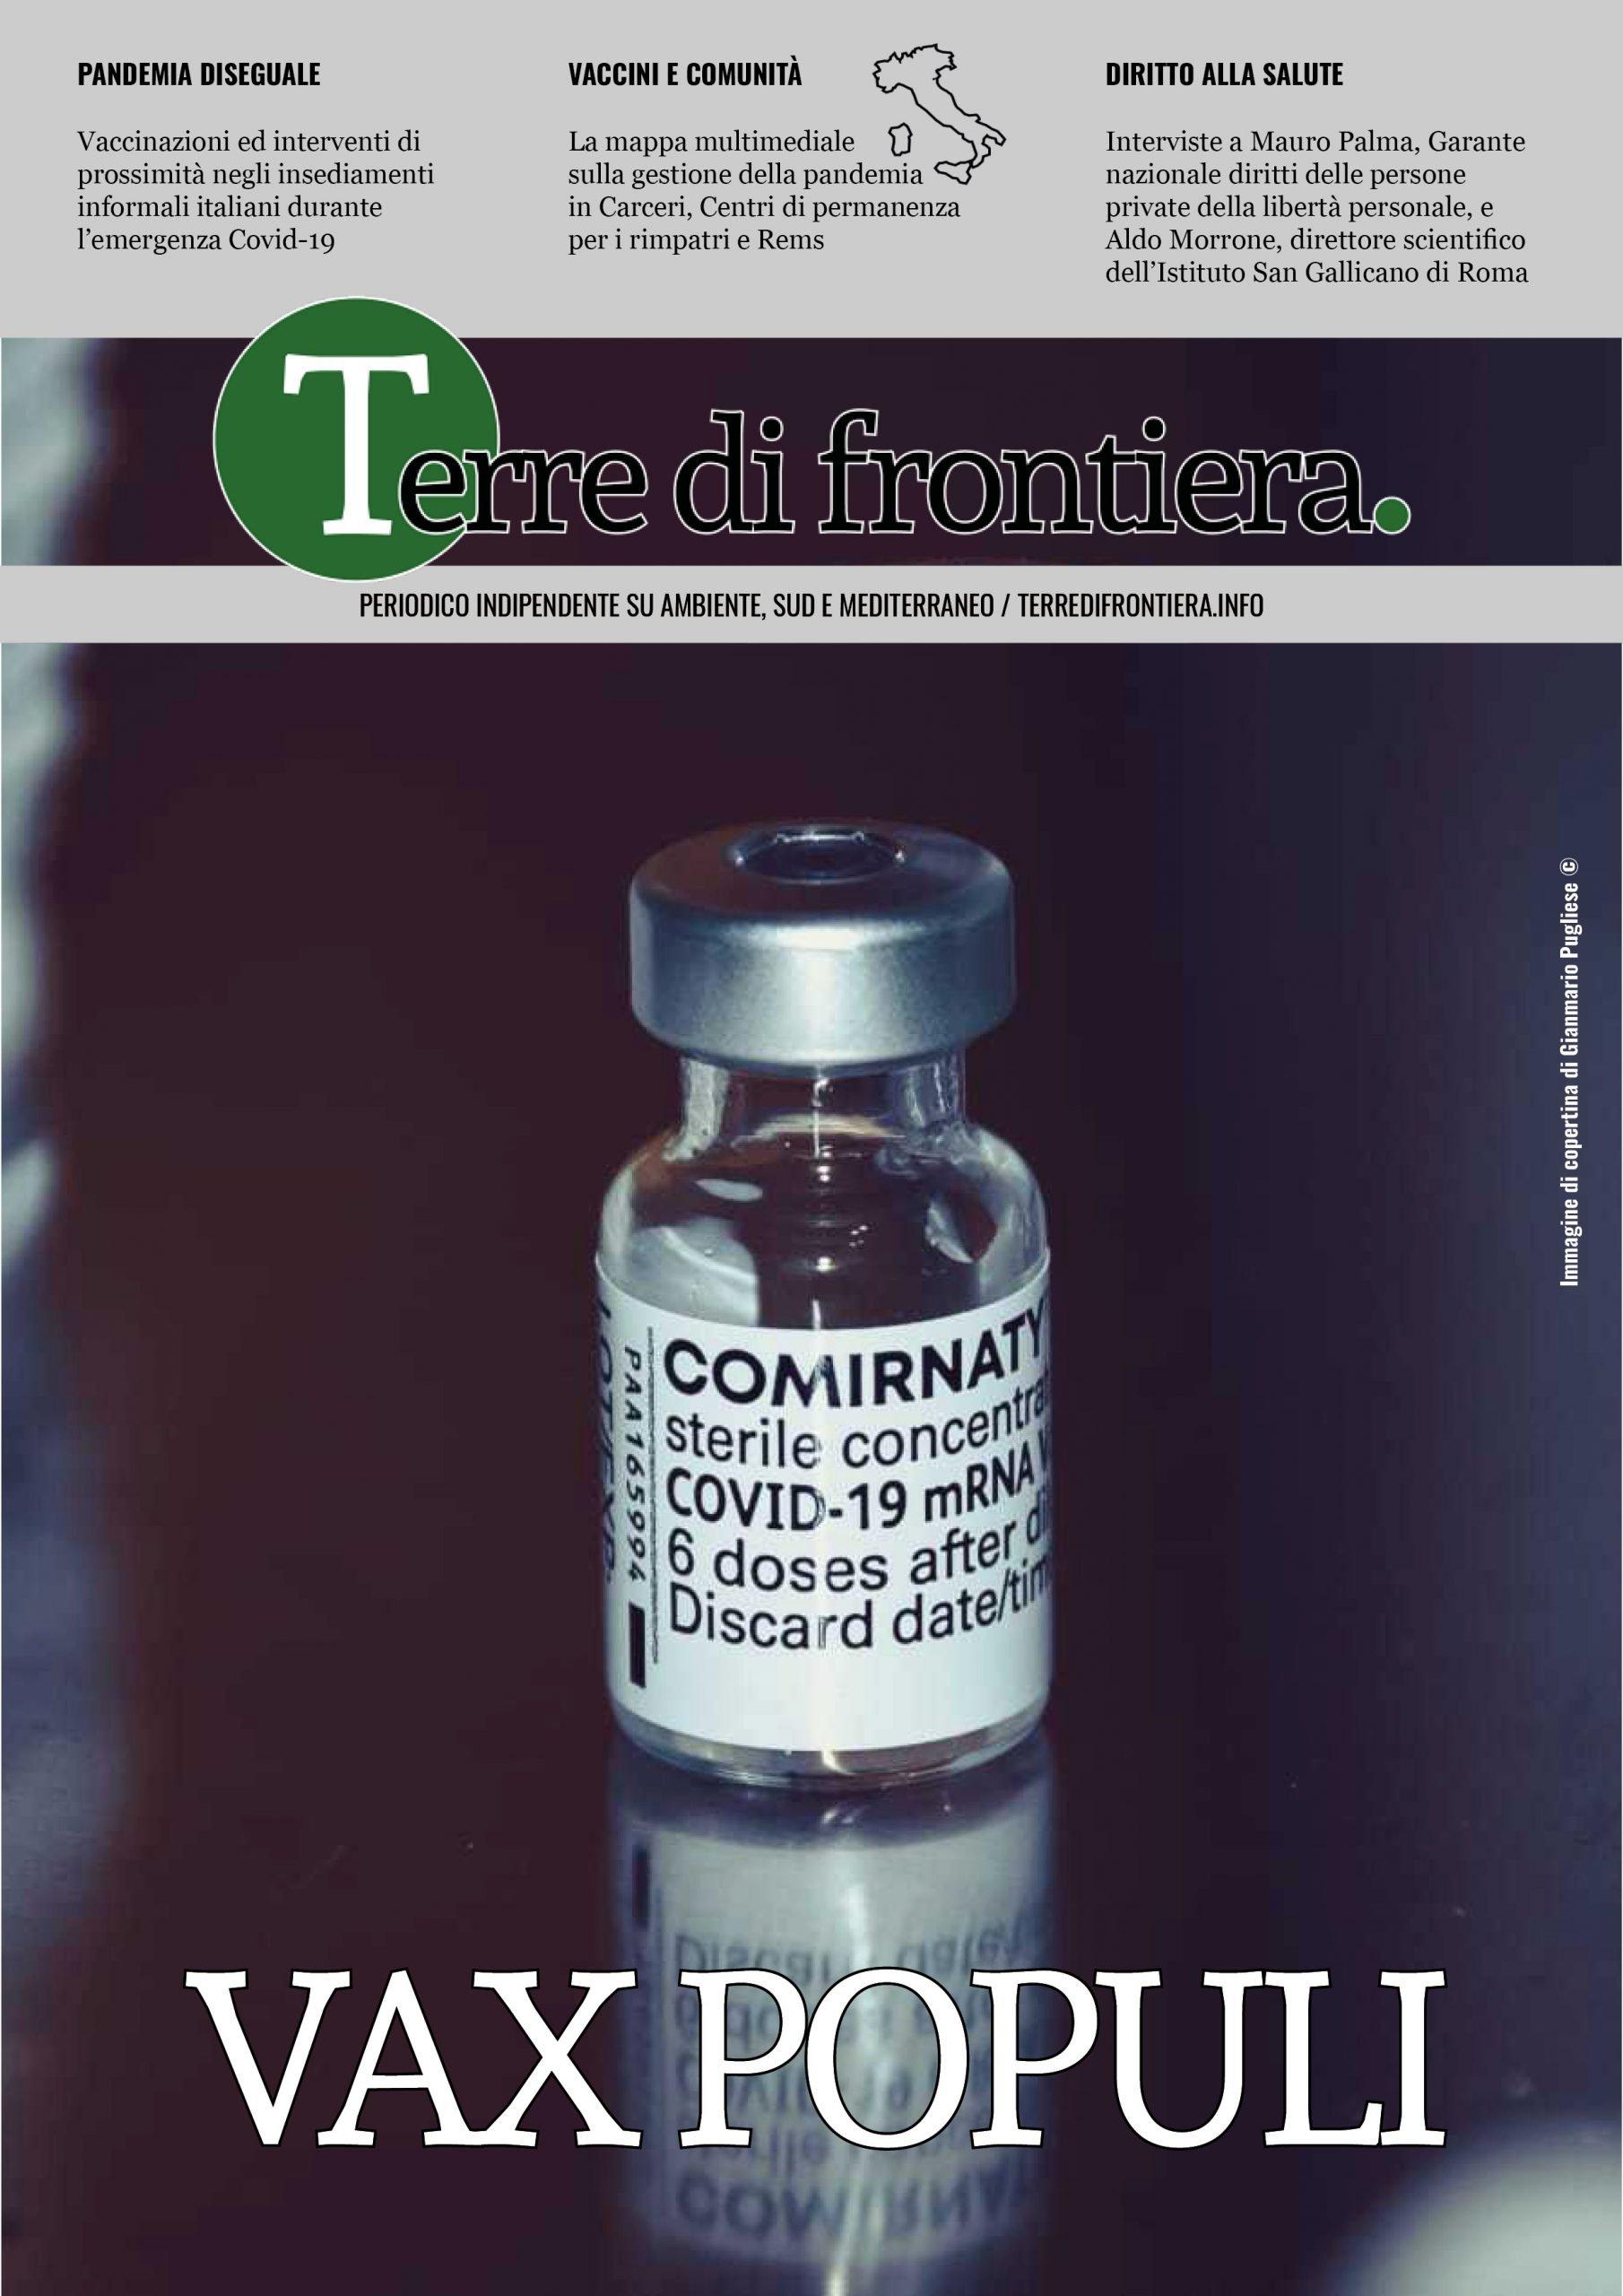 Vax Populi, inchiesta sui vaccini Covid-19